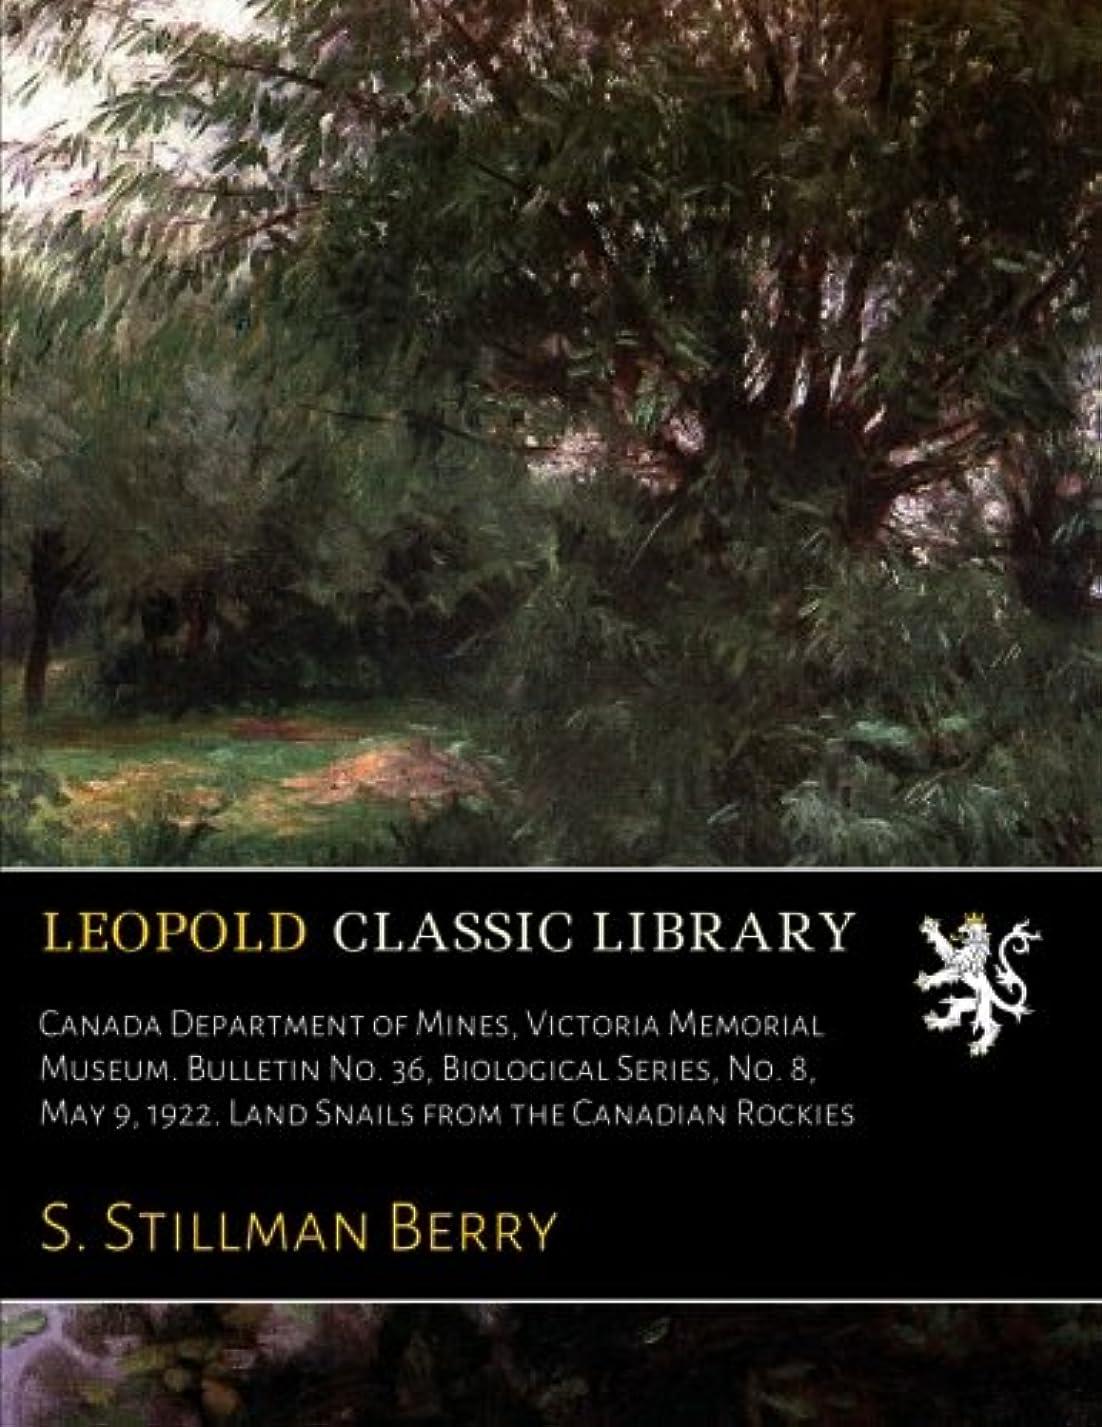 近く例バンケットCanada Department of Mines, Victoria Memorial Museum. Bulletin No. 36, Biological Series, No. 8, May 9, 1922. Land Snails from the Canadian Rockies